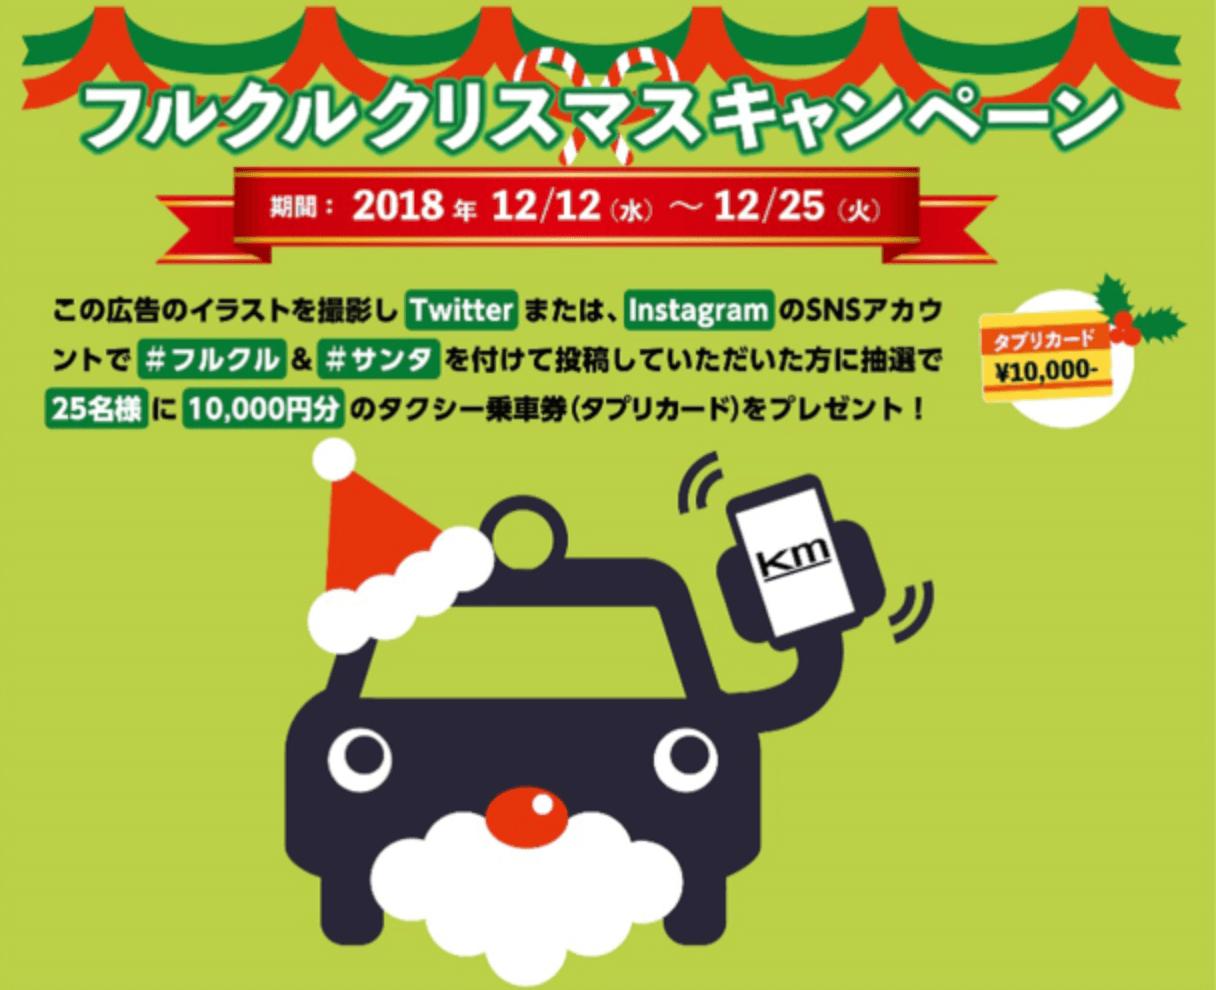 フルクルクーポンキャンペーン(タクシー乗車券タプリカード)10000円分プレゼント